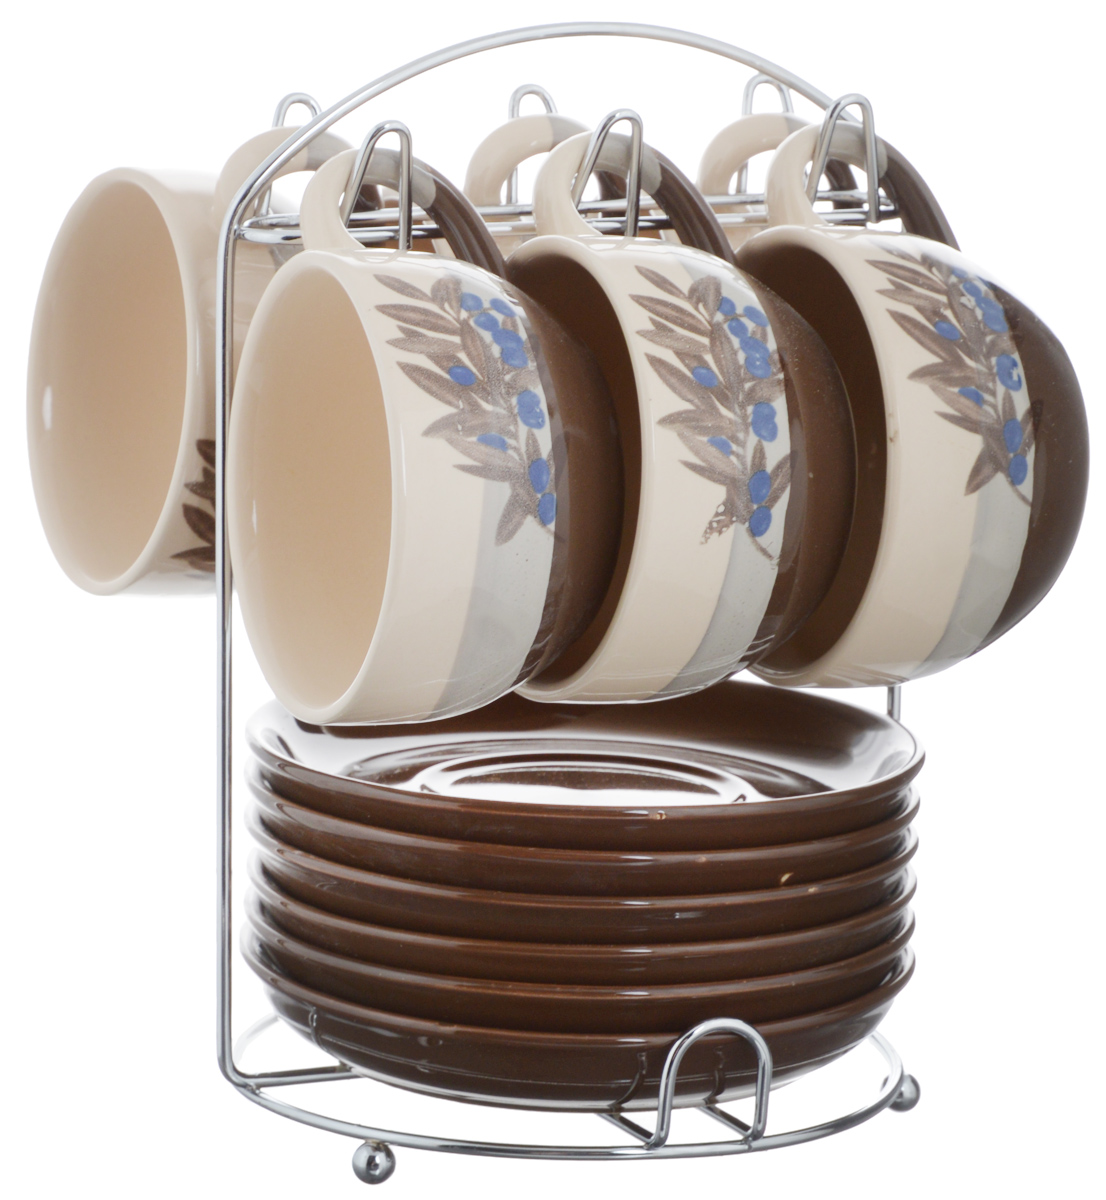 Набор чайный Calve. Маслины, на подставке, 13 предметовCL-2022Набор Calve. Маслины состоит из шести чашек и шести блюдец, изготовленных из высококачественного фарфора. Чашки оформлены ярким принтом. Изделия расположены на металлической подставке. Такой набор подходит для подачи чая или кофе. Изящный дизайн придется по вкусу и ценителям классики, и тем, кто предпочитает утонченность и изысканность. Он настроит на позитивный лад и подарит хорошее настроение с самого утра. Чайный набор Calve - идеальный и необходимый подарок для вашего дома и для ваших друзей в праздники.Можно мыть в посудомоечной машине. Объем чашки: 220 мл. Диаметр чашки (по верхнему краю): 9,5 см. Высота чашки: 6,3 см. Диаметр блюдца: 14,5 см. Высота блюдца: 2,3 см.Размер подставки: 16,5 х 16 х 22,5 см.